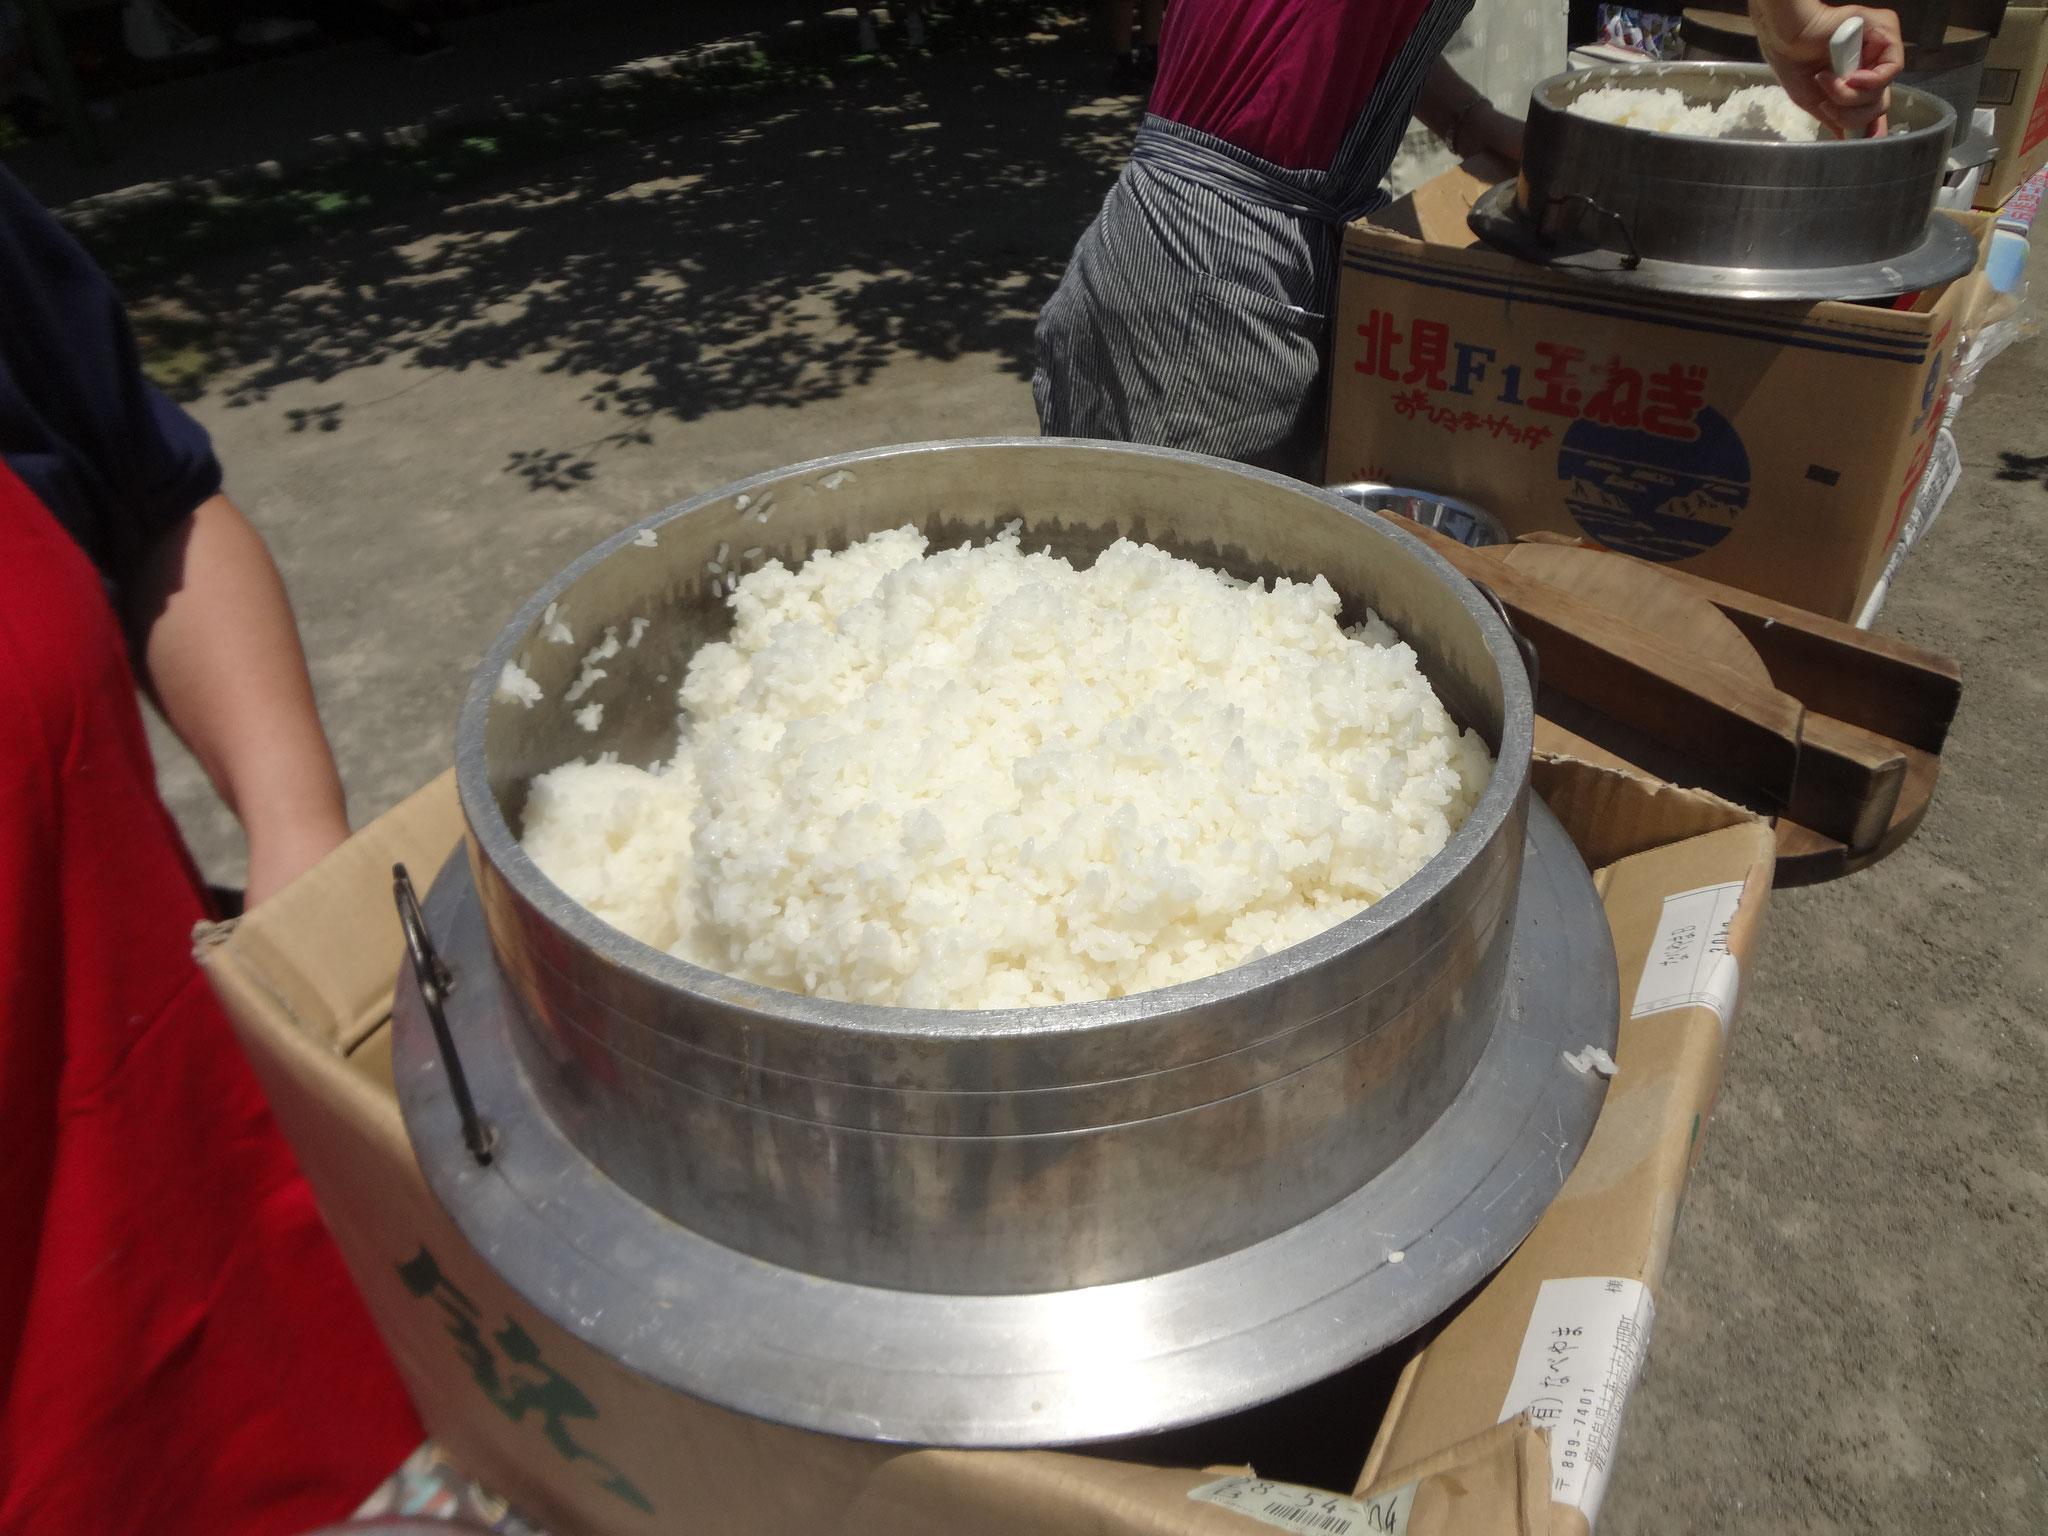 ご飯も美味しそうに炊けてます。お米は全部で30㎏を6個のお釜で炊きました。